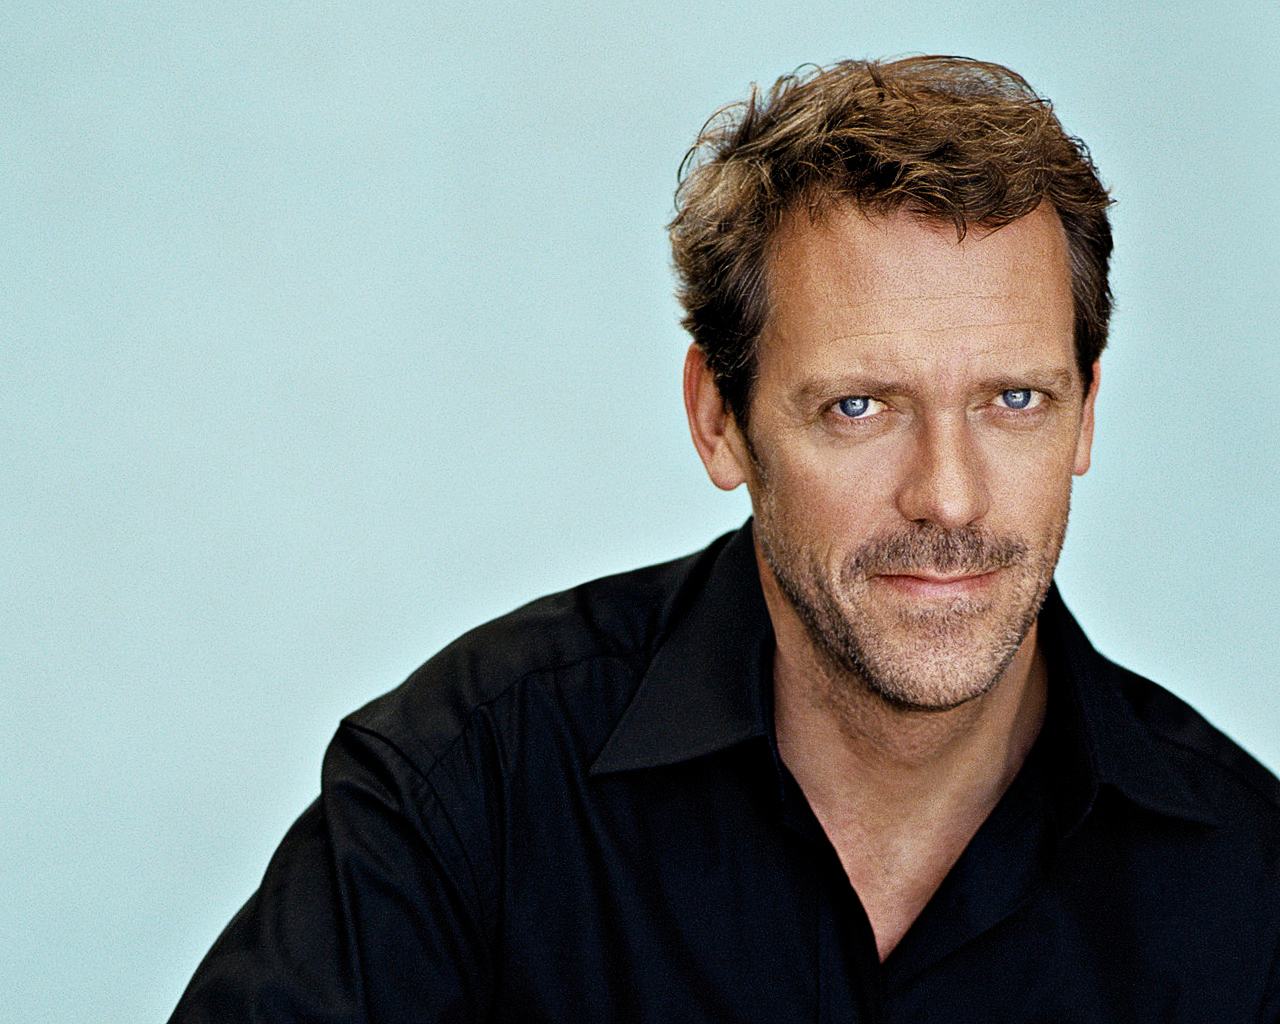 Hugh Laurie - Actor